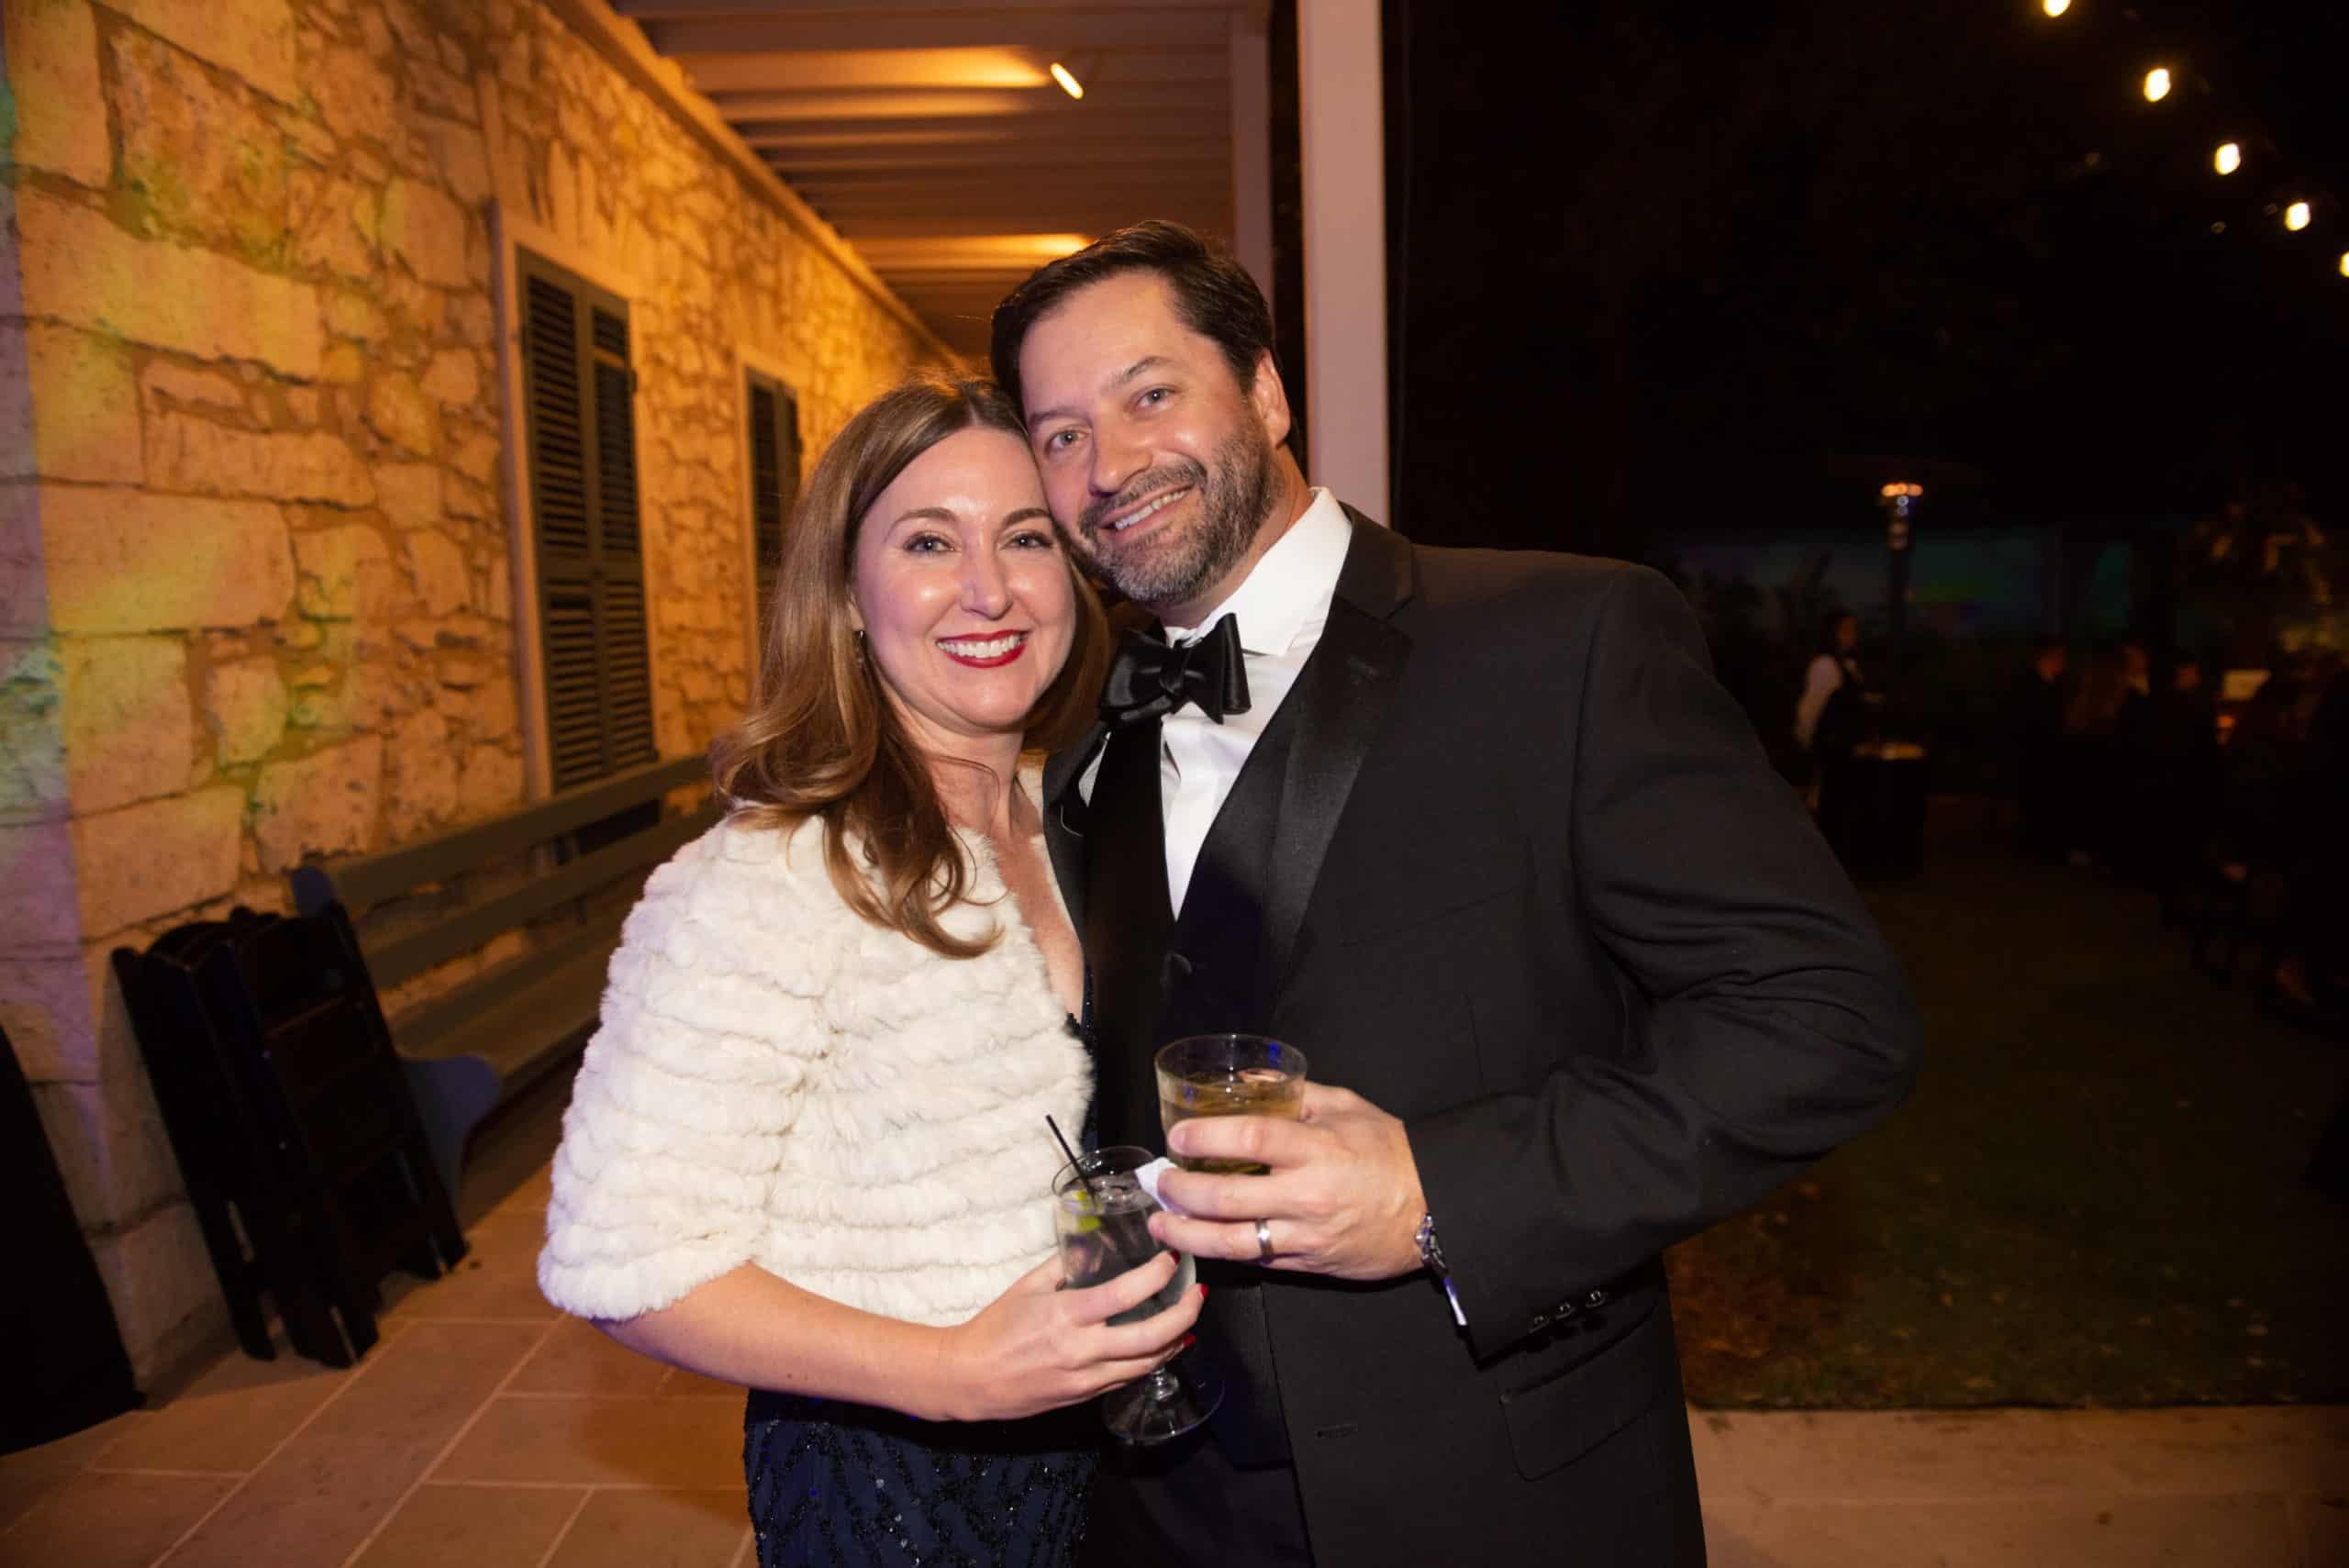 Melissa and Derek Kidd